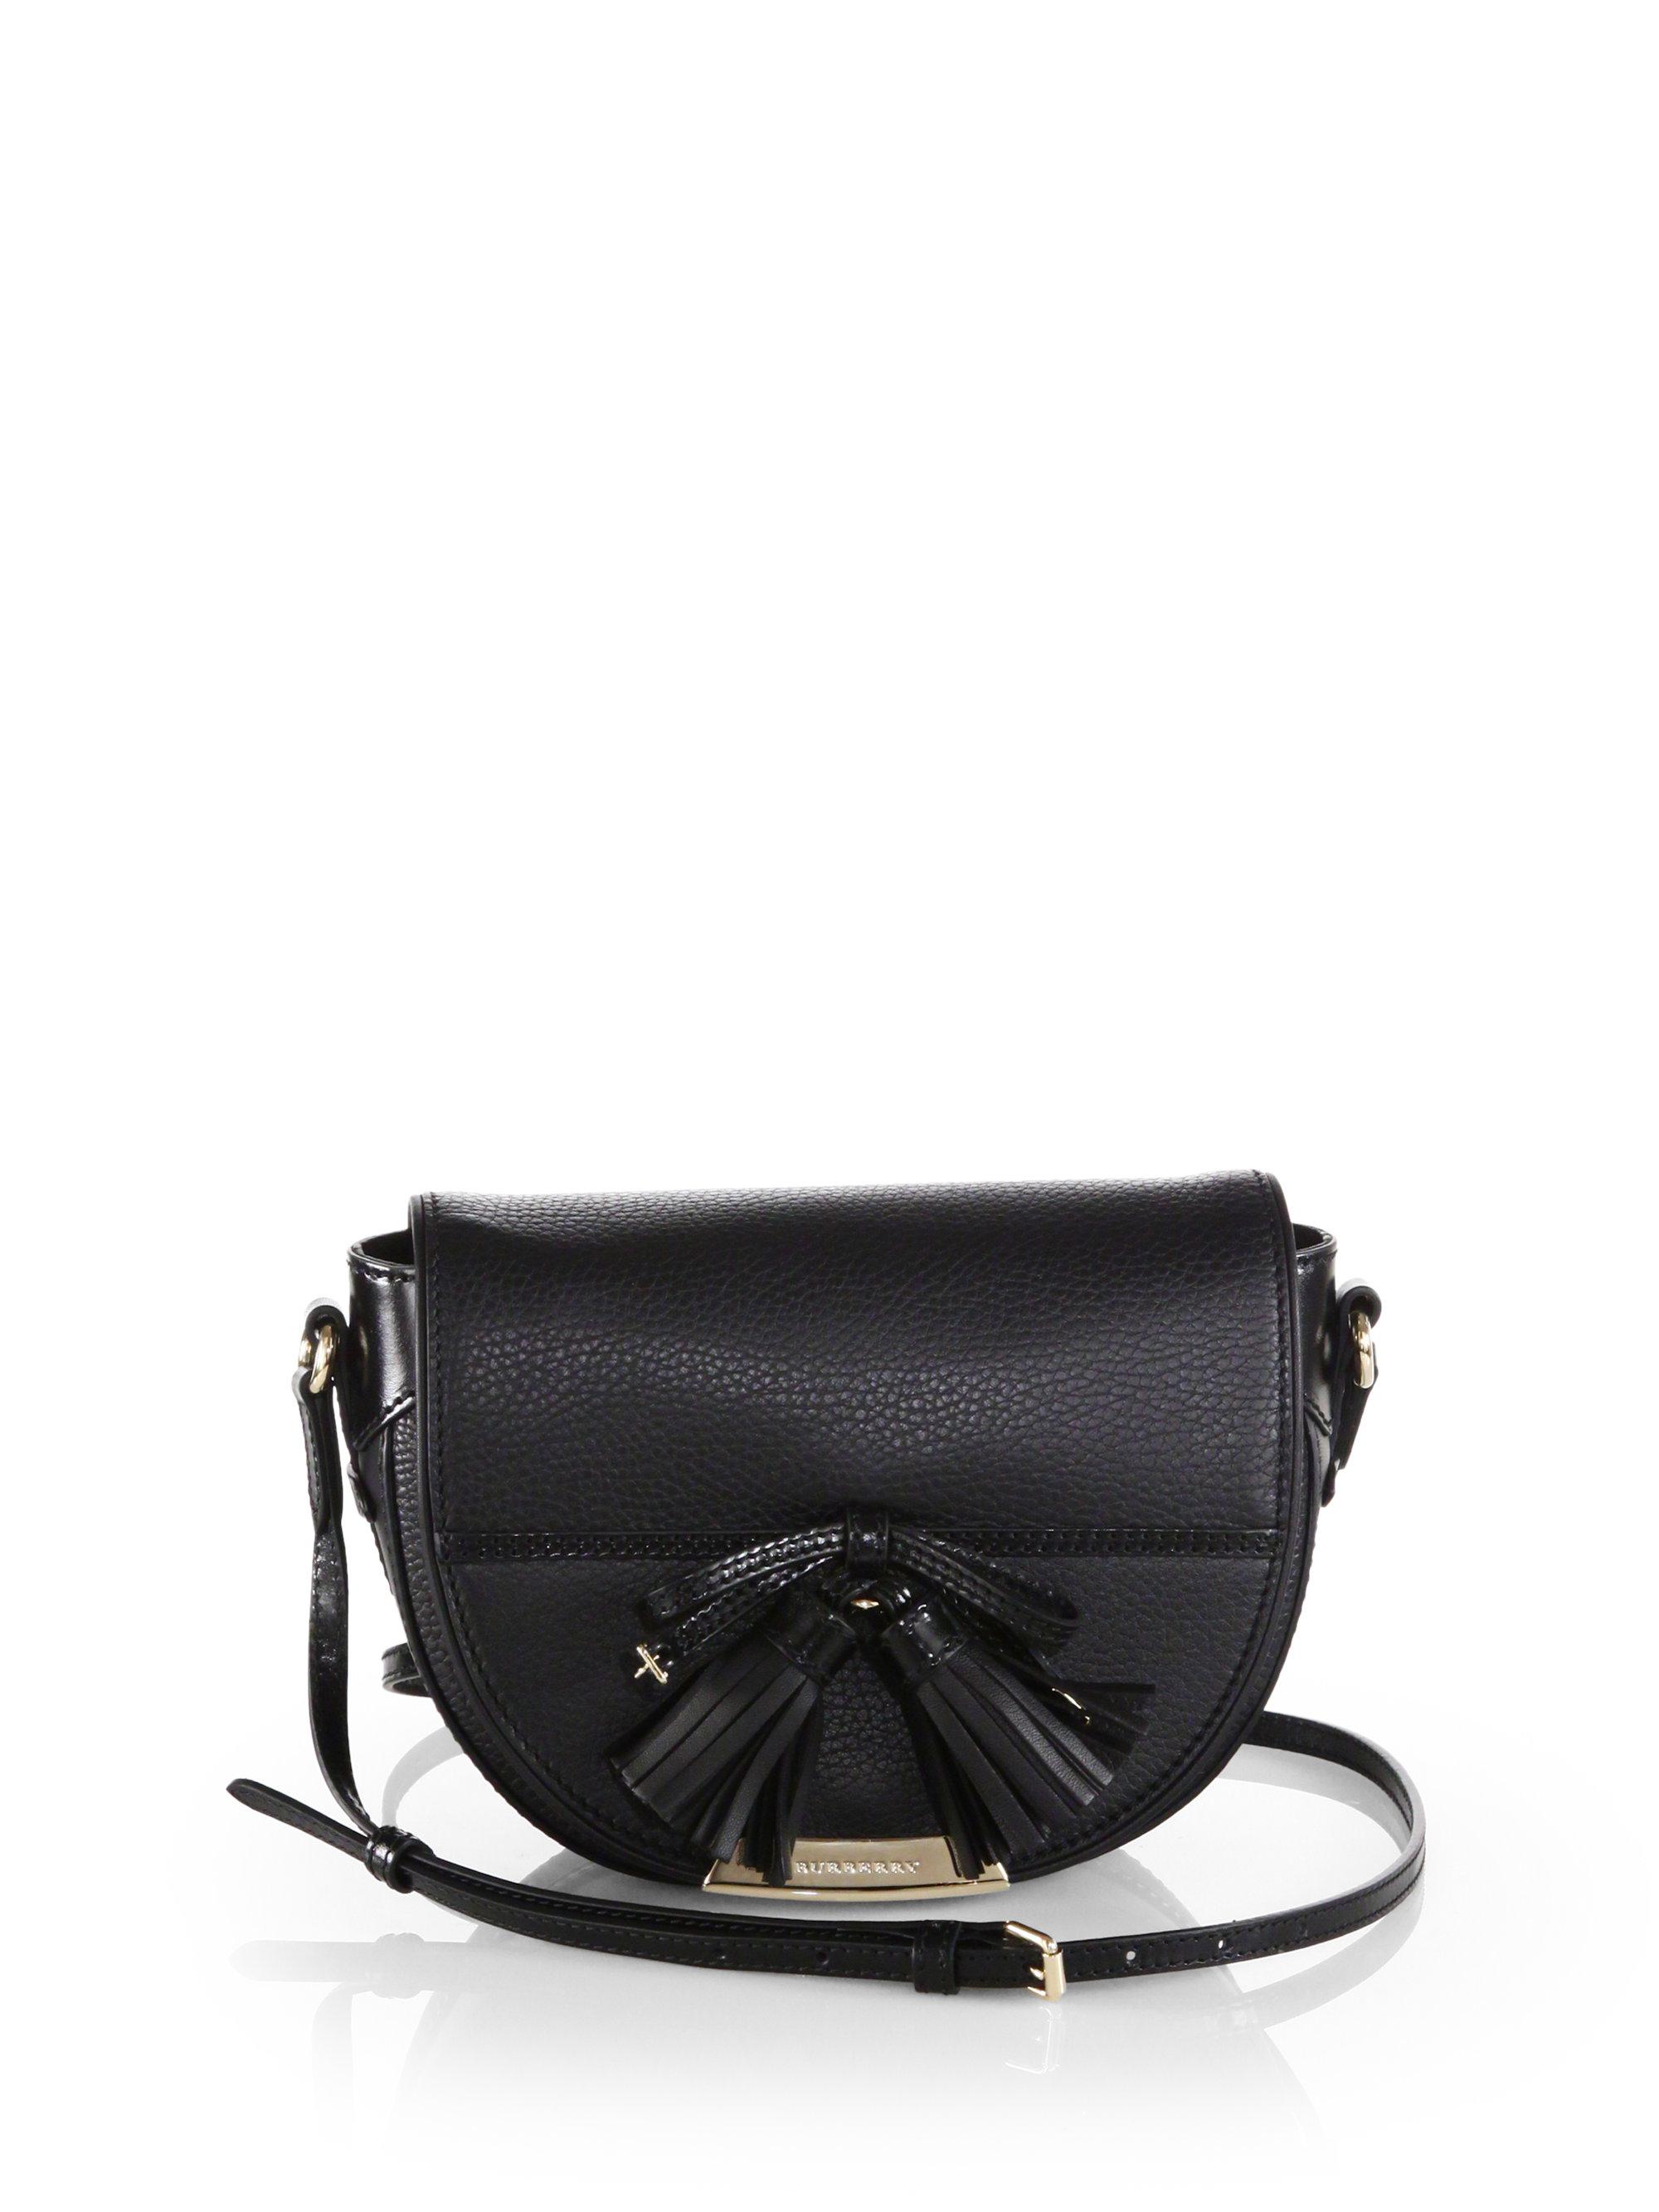 086e99da54e3 Lyst - Burberry Small Maydown Crossbody Bag in Black